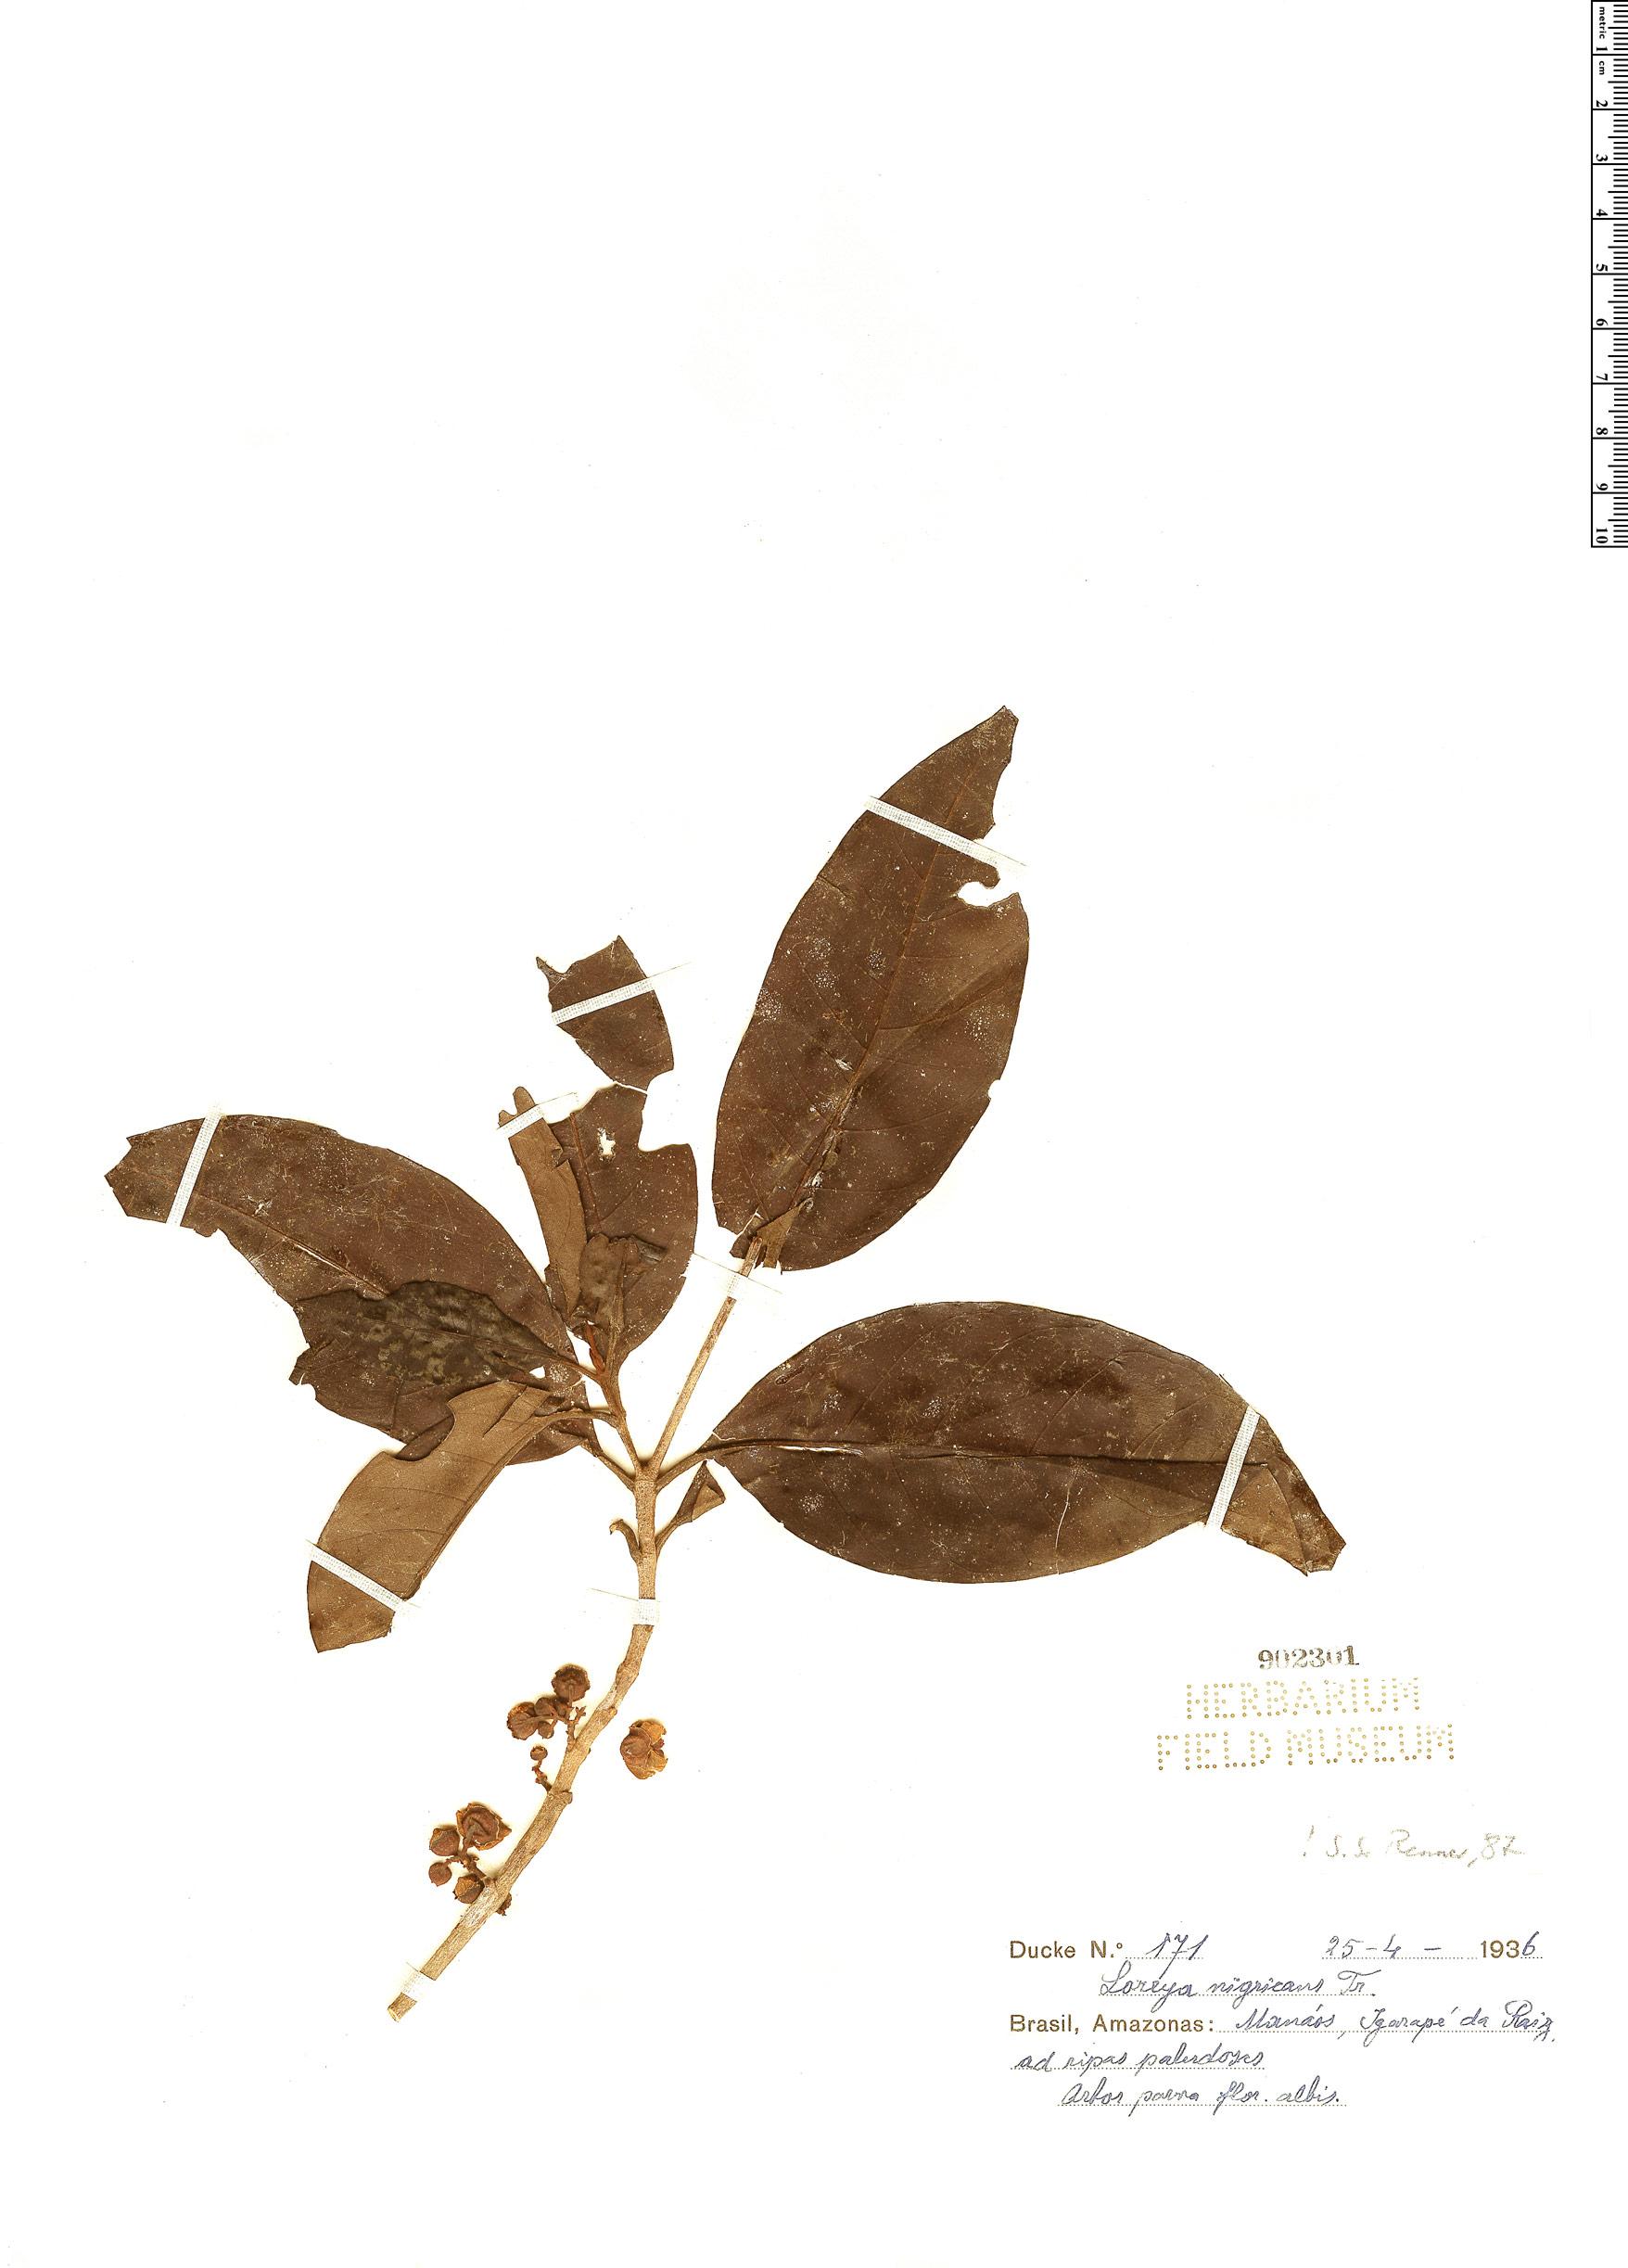 Specimen: Bellucia nigricans